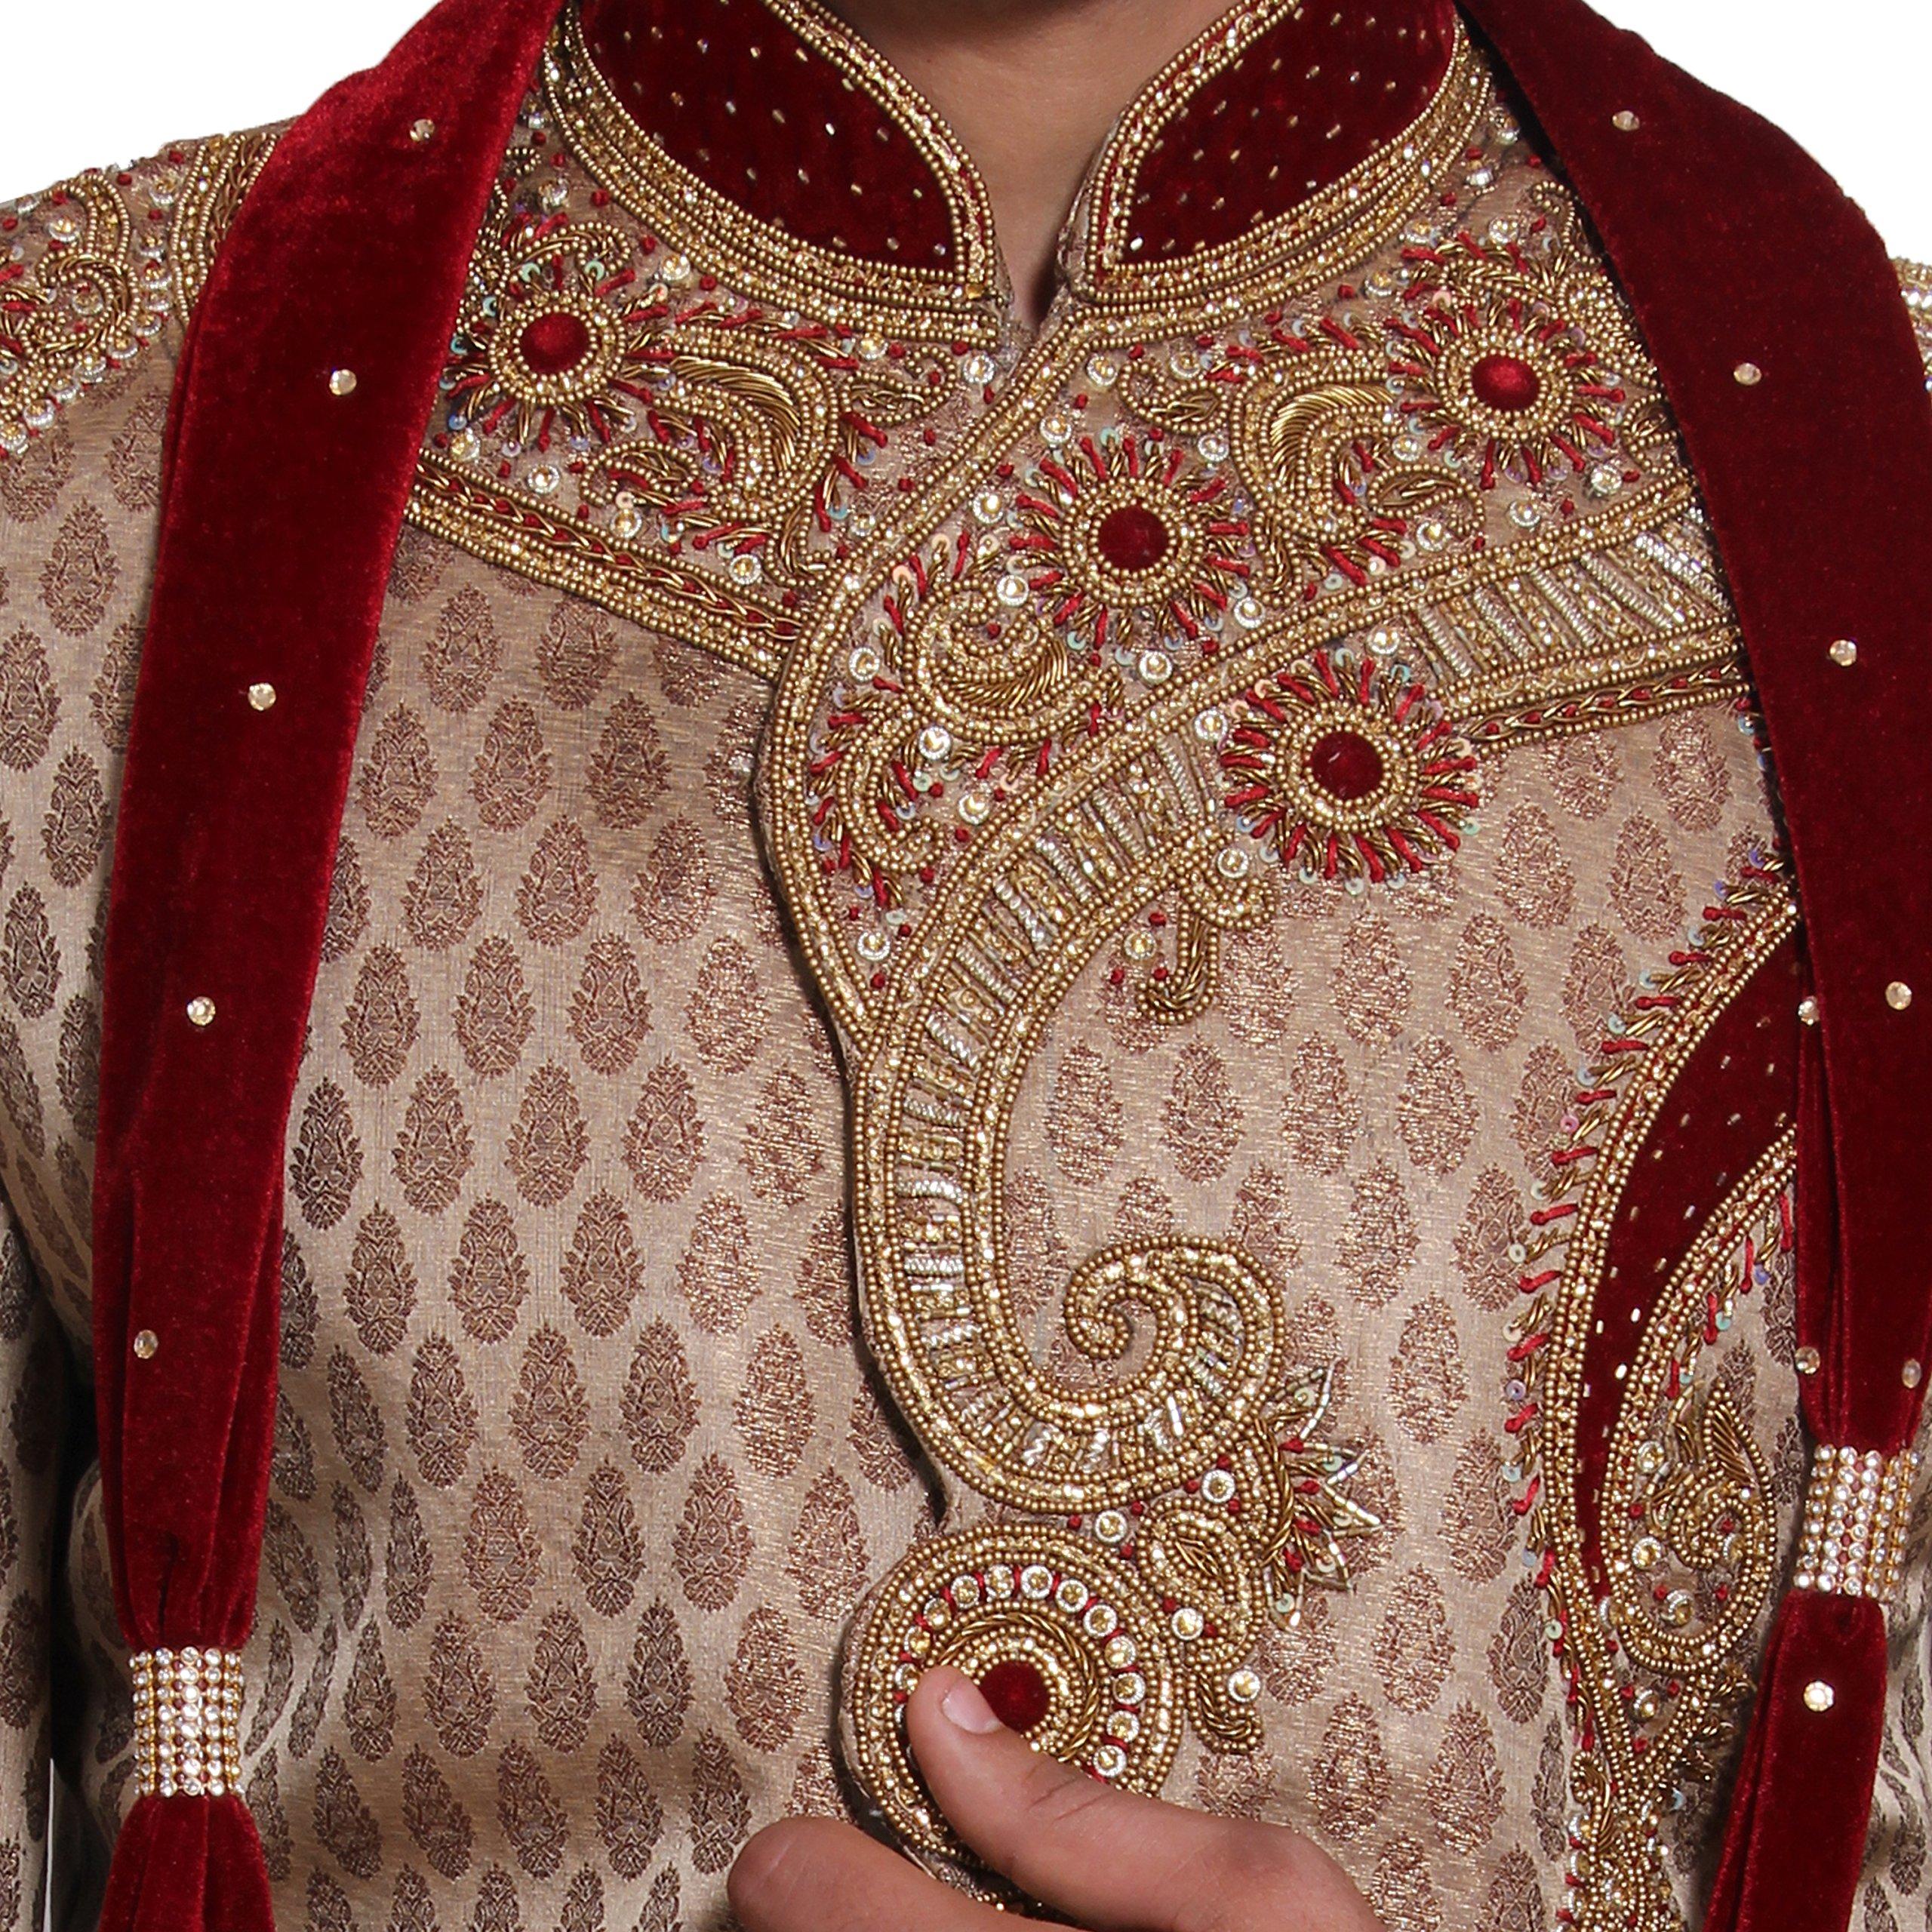 Indian Wedding Kurta Pajama Sherwani for Men Banarasi Silk Maroon Kurta Set by Favoroski (Image #5)